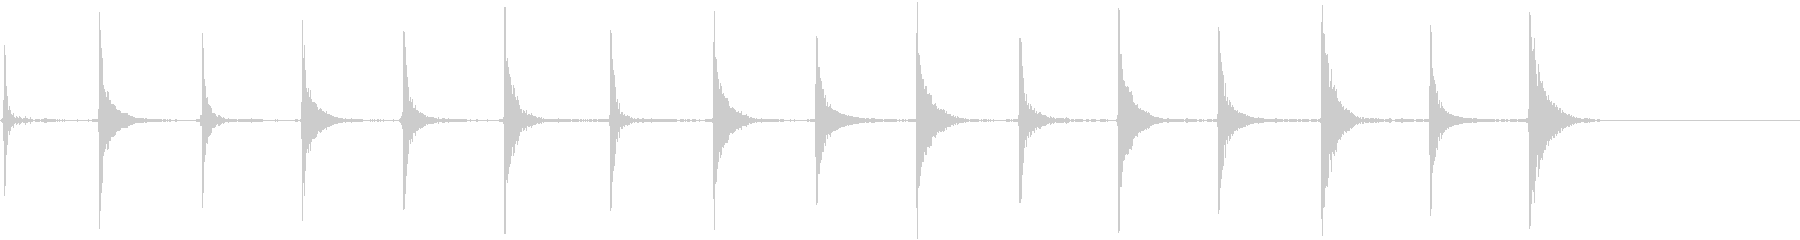 エレクトリックベース:クロックティ...の未再生の波形